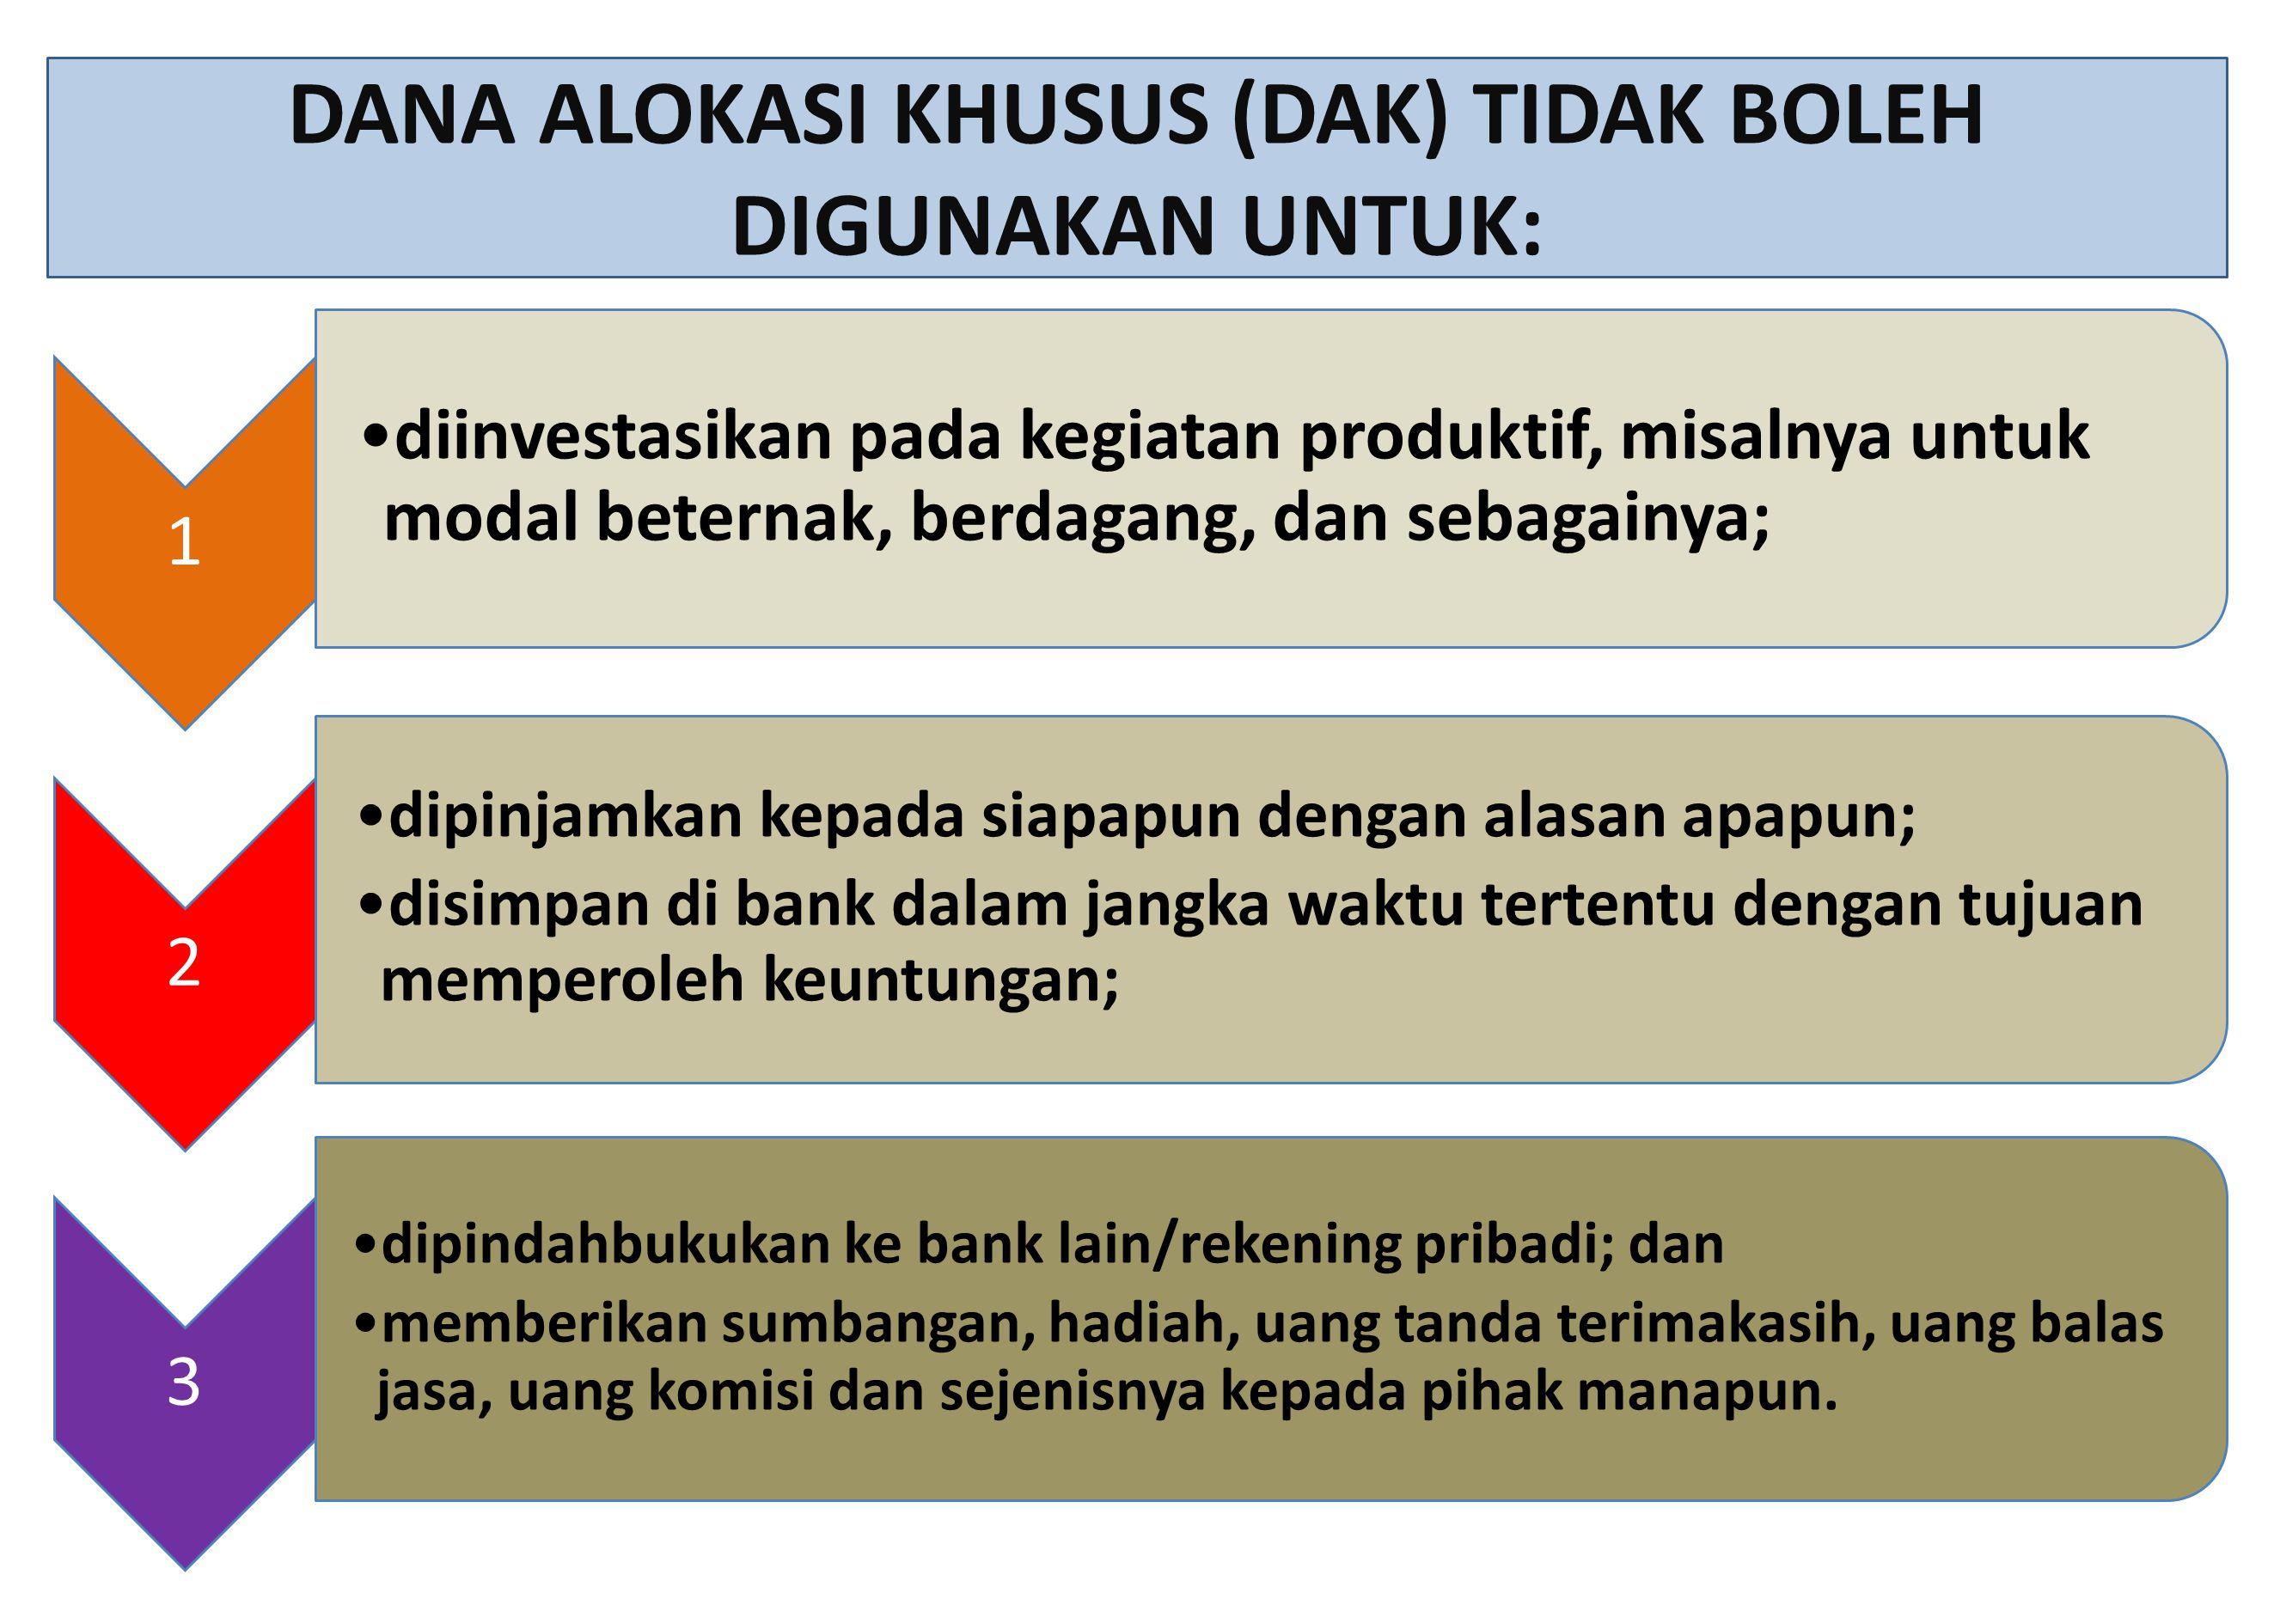 DANA ALOKASI KHUSUS (DAK) TIDAK BOLEH DIGUNAKAN UNTUK: